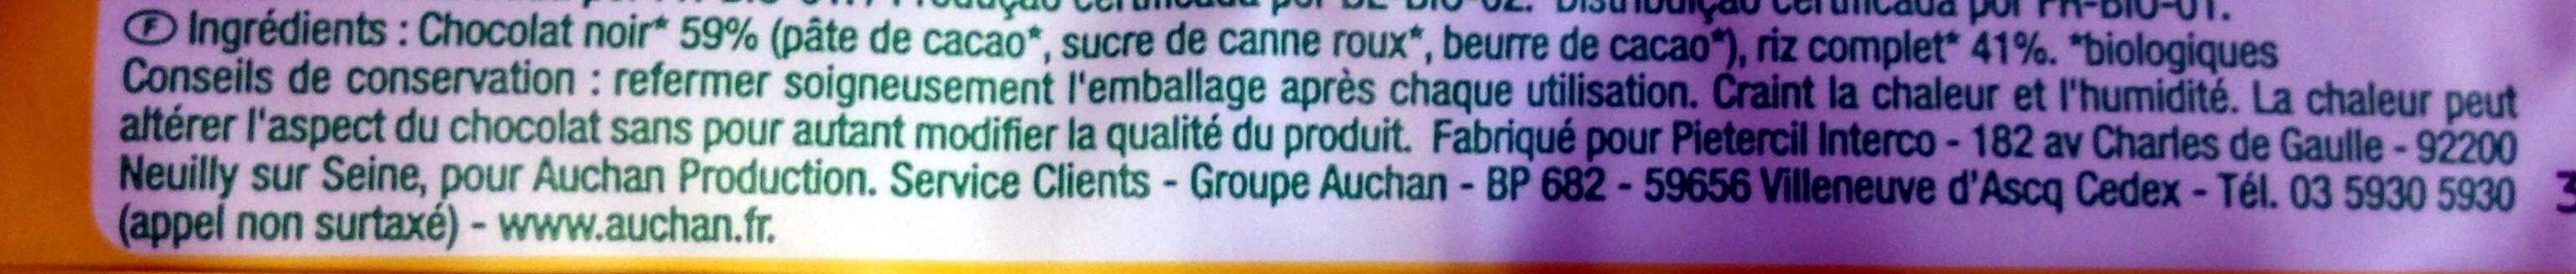 Galette de riz chocolat noir - Ingrediënten - fr